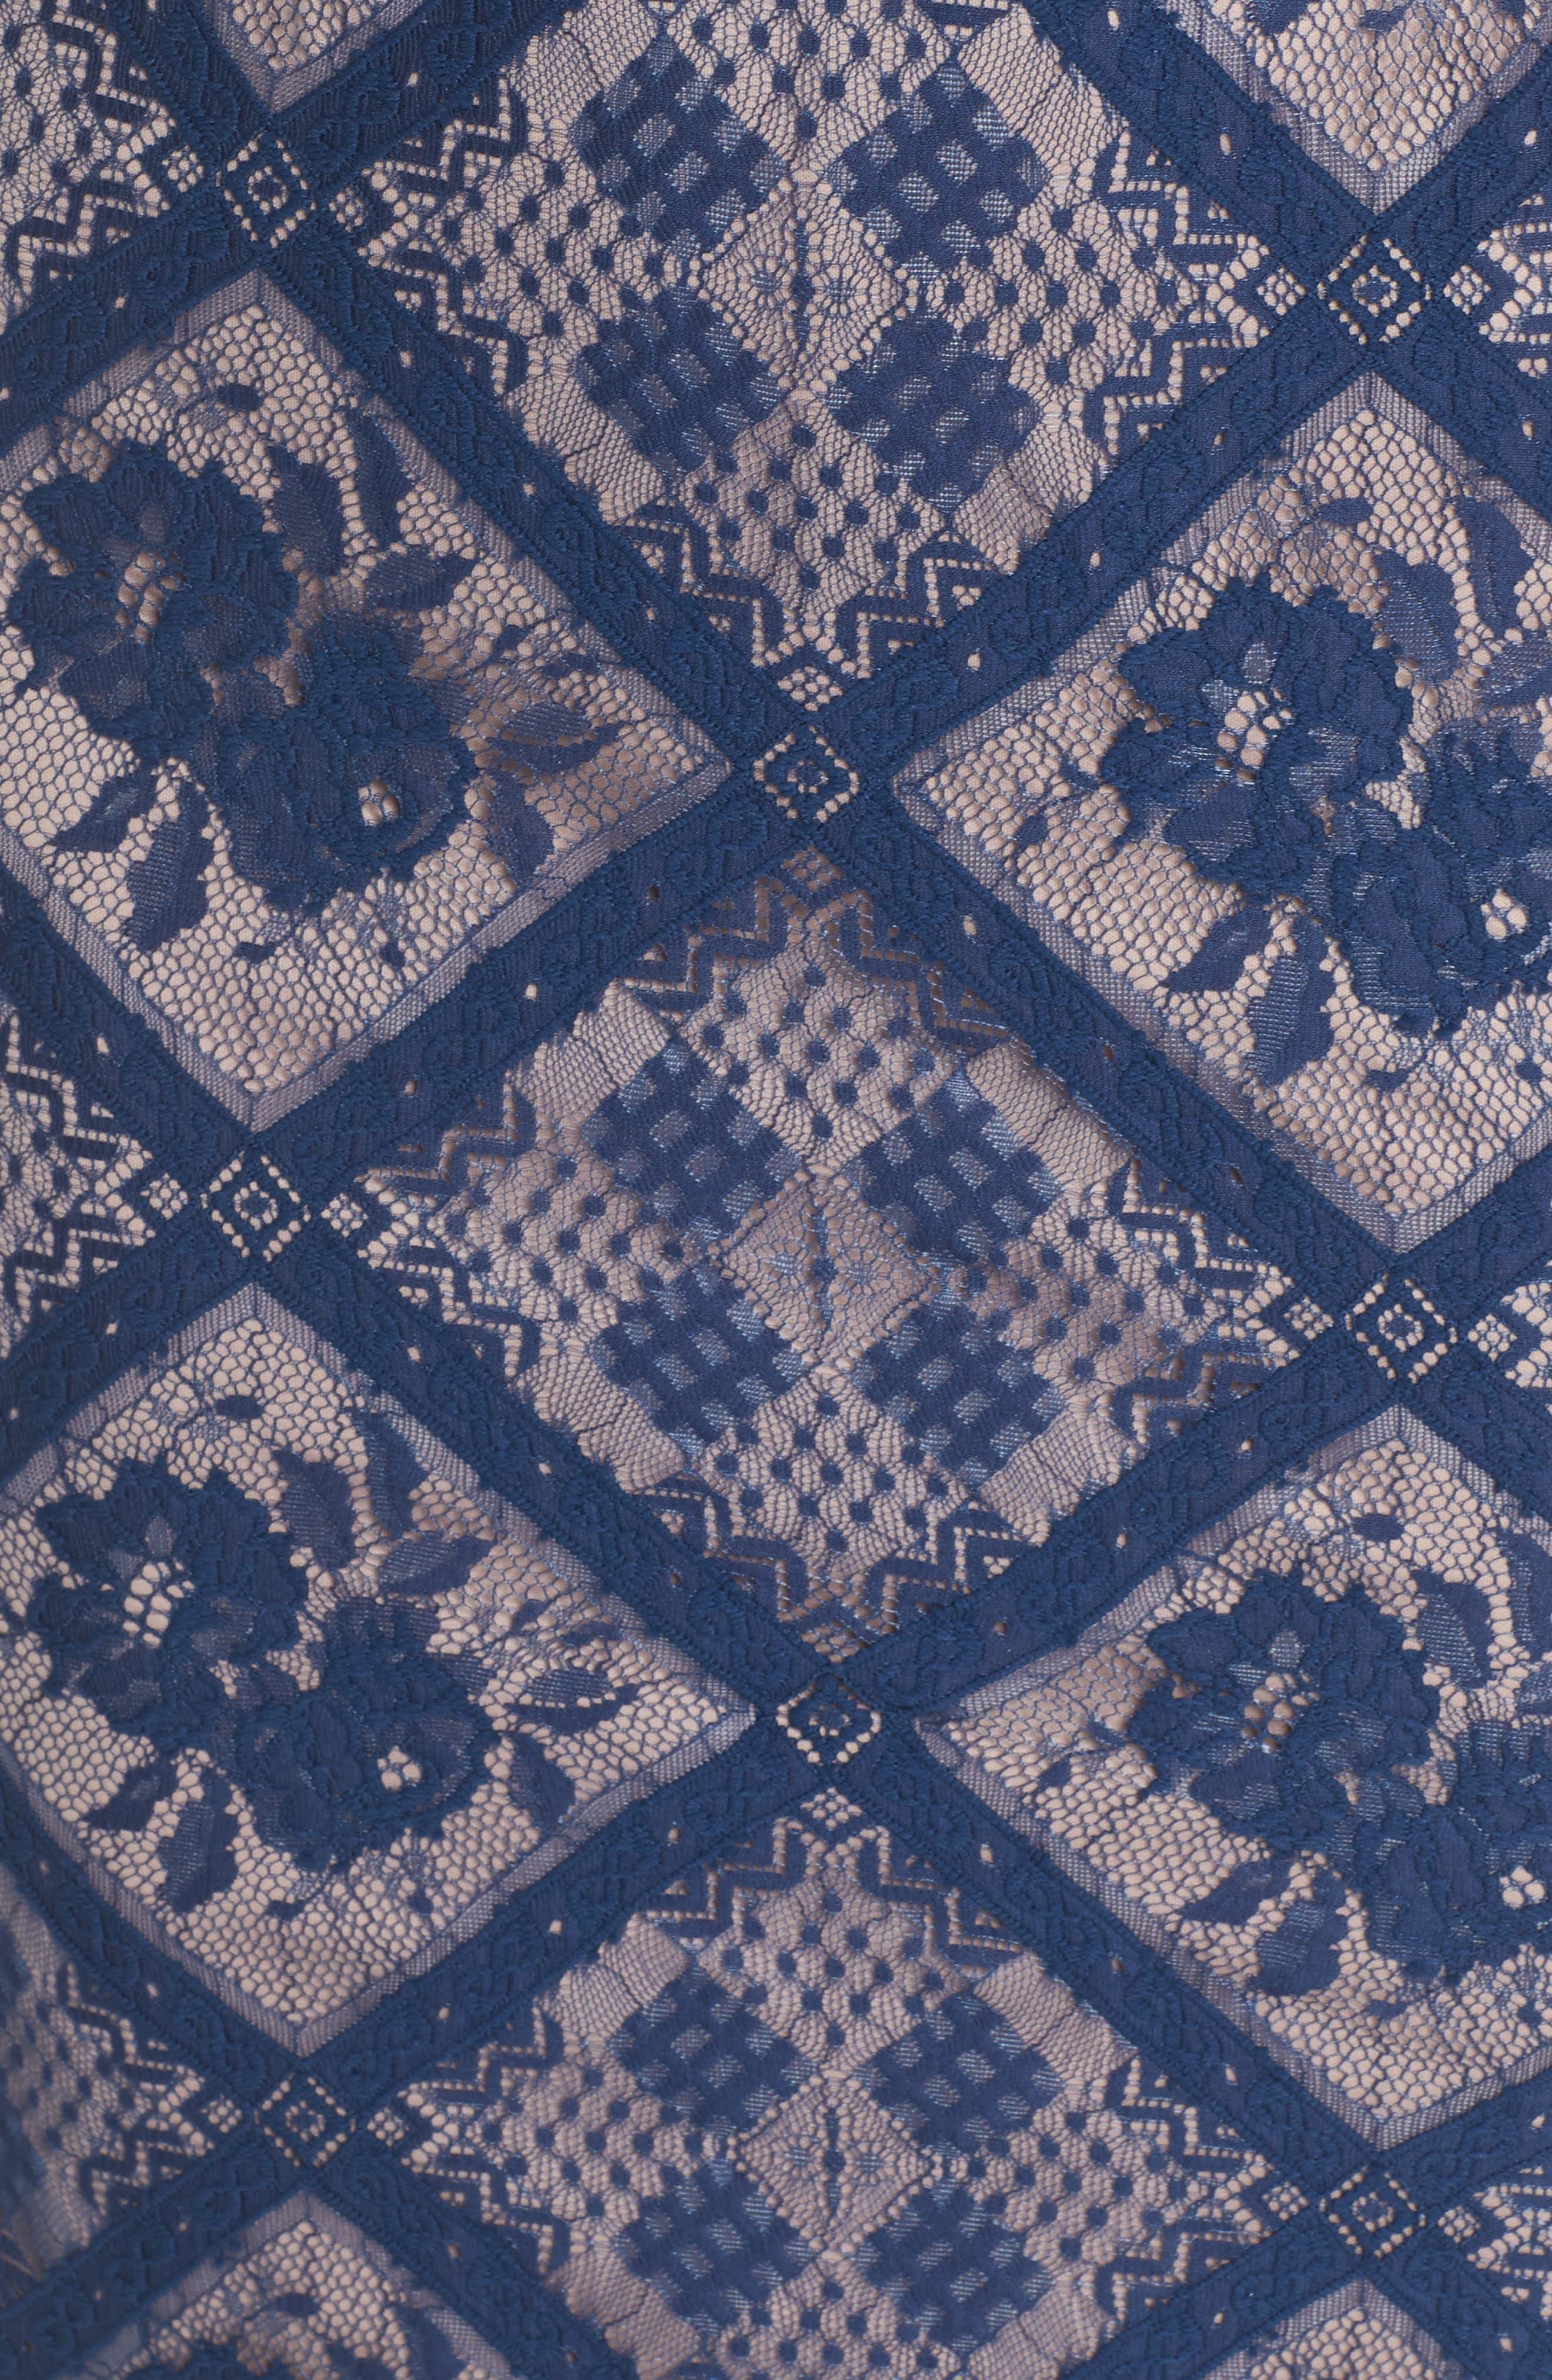 Floral Lace Sheath Dress,                             Alternate thumbnail 5, color,                             412